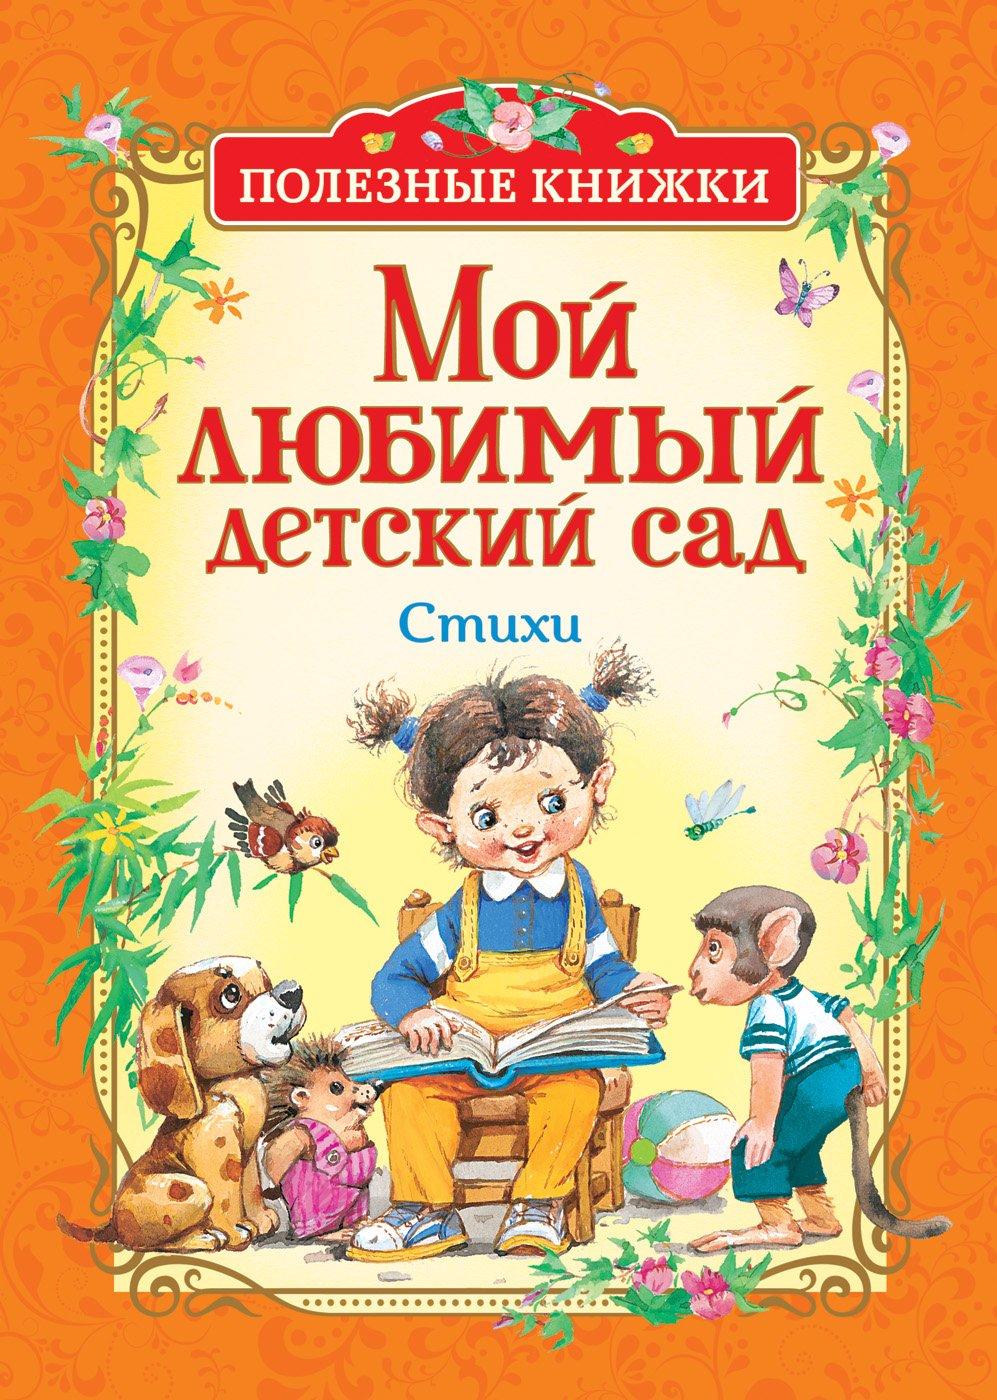 Купить Книга. Полезные книжки. Мой любимый детский сад. Стихи [34628], Обучающие материалы и авторские методики для детей